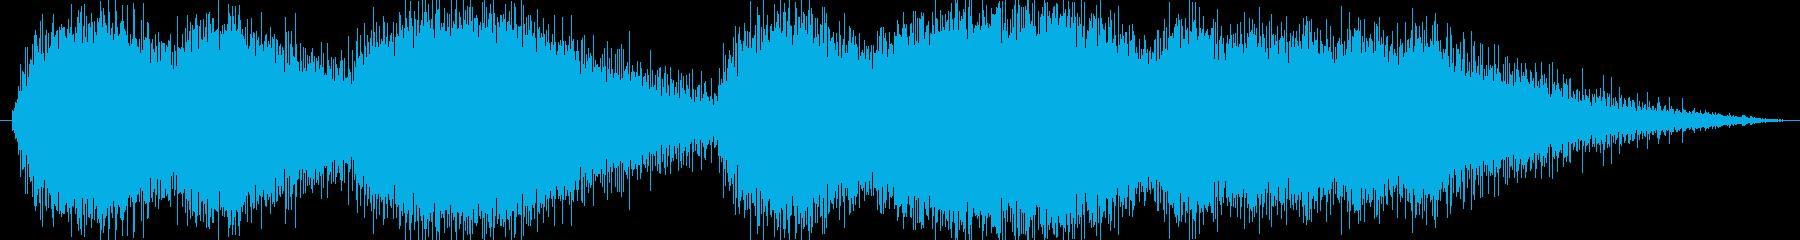 機械 ジグソーエンジンシーケンス01の再生済みの波形